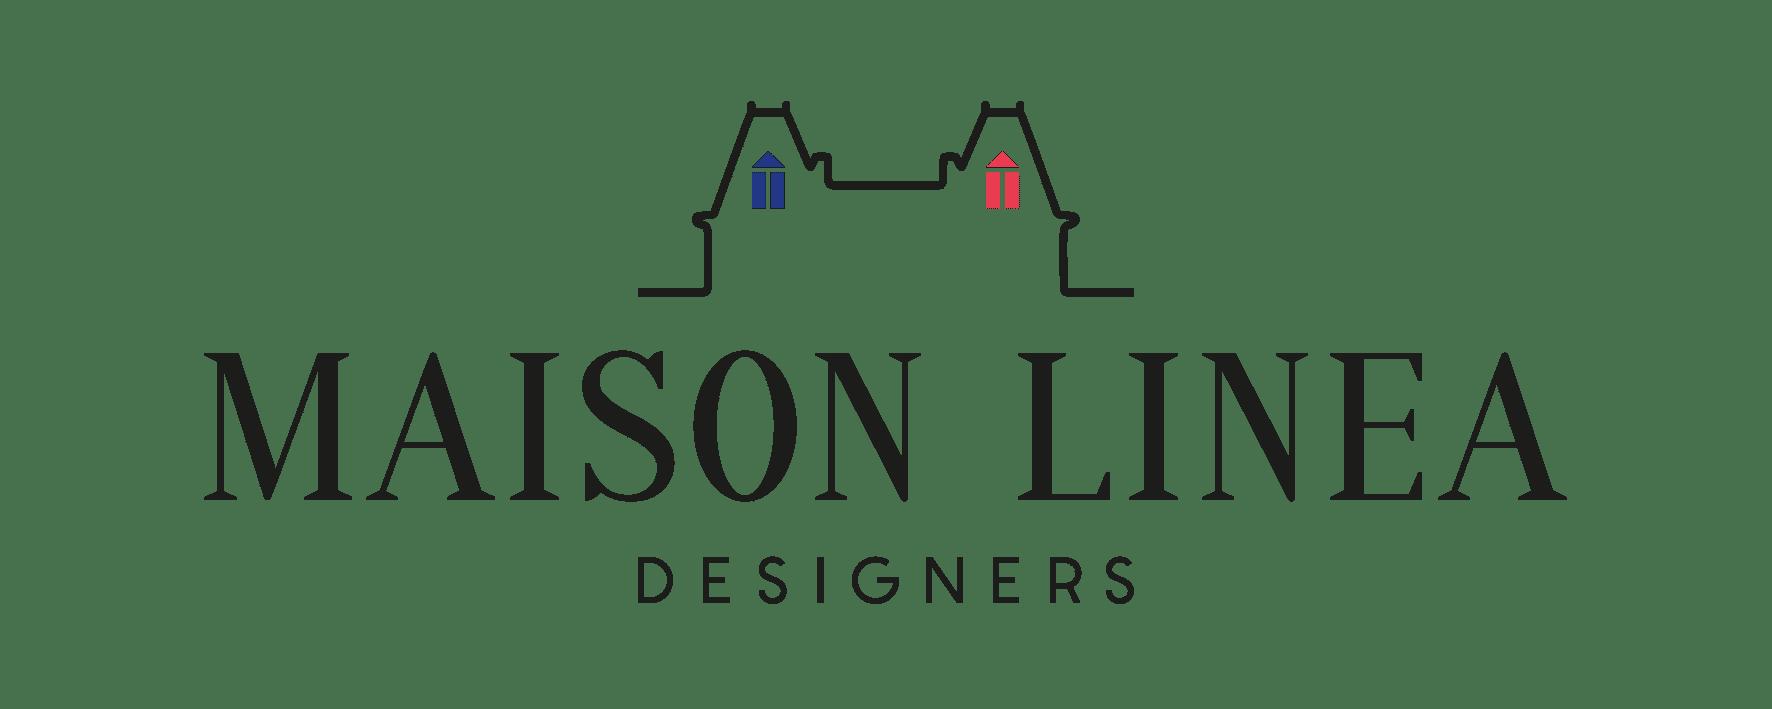 Maison Linea Designers logo